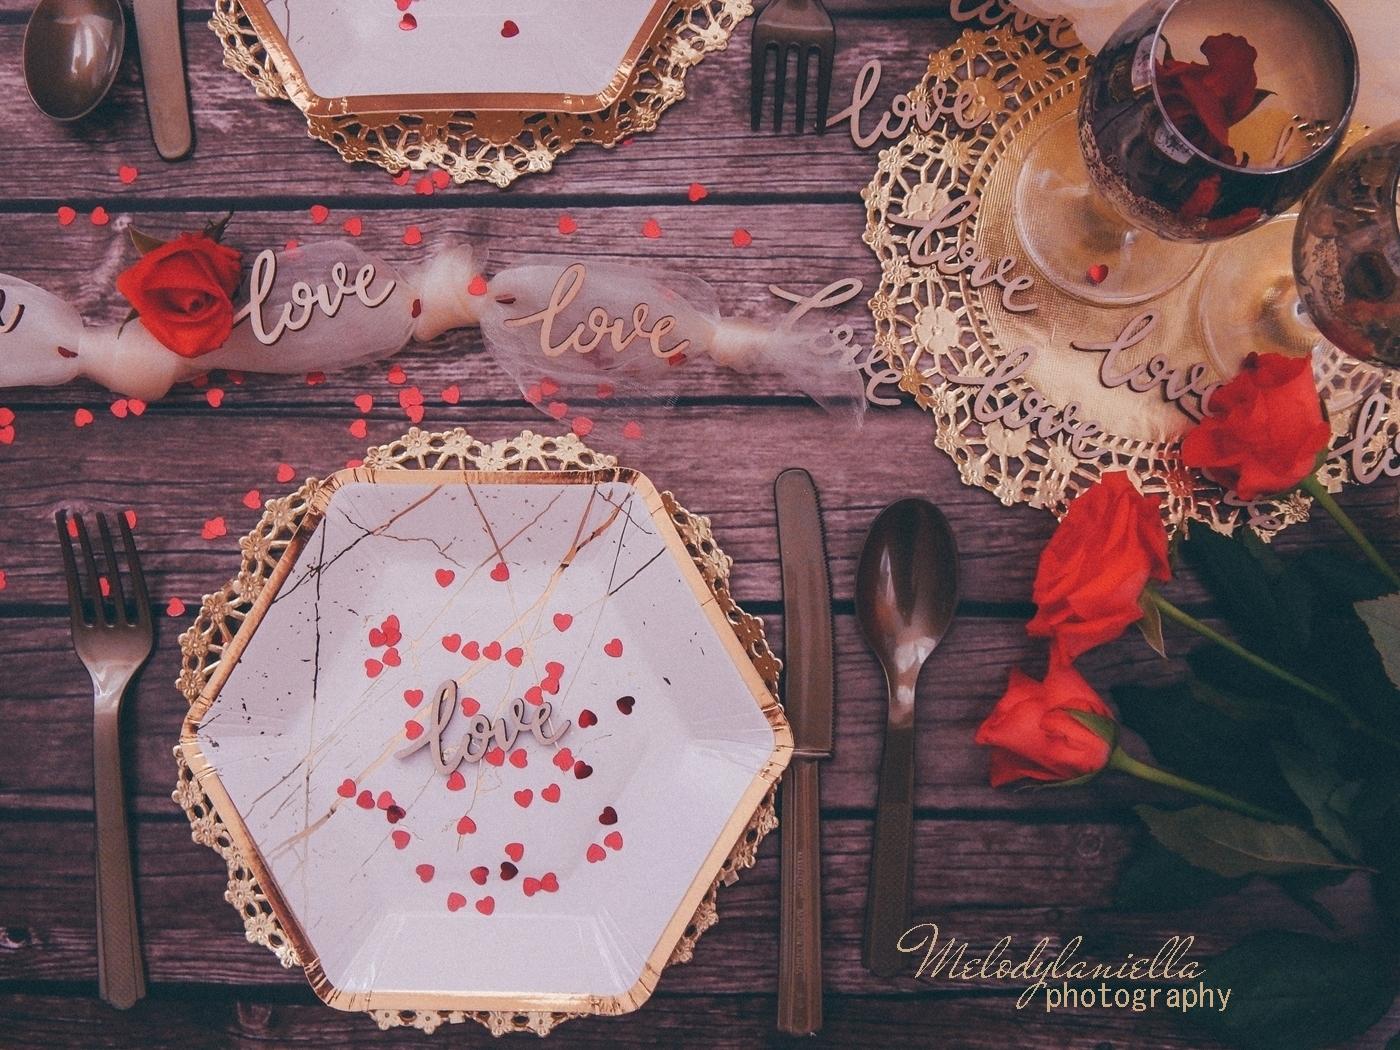 14 złote dodatki dekoracyjne ażurowe serwetki jednorazowe talerze dodatki na imprezu urodziny wieczór panieński pomysły złote konfetti serca marmur złoto kieliszki zastawa talerze